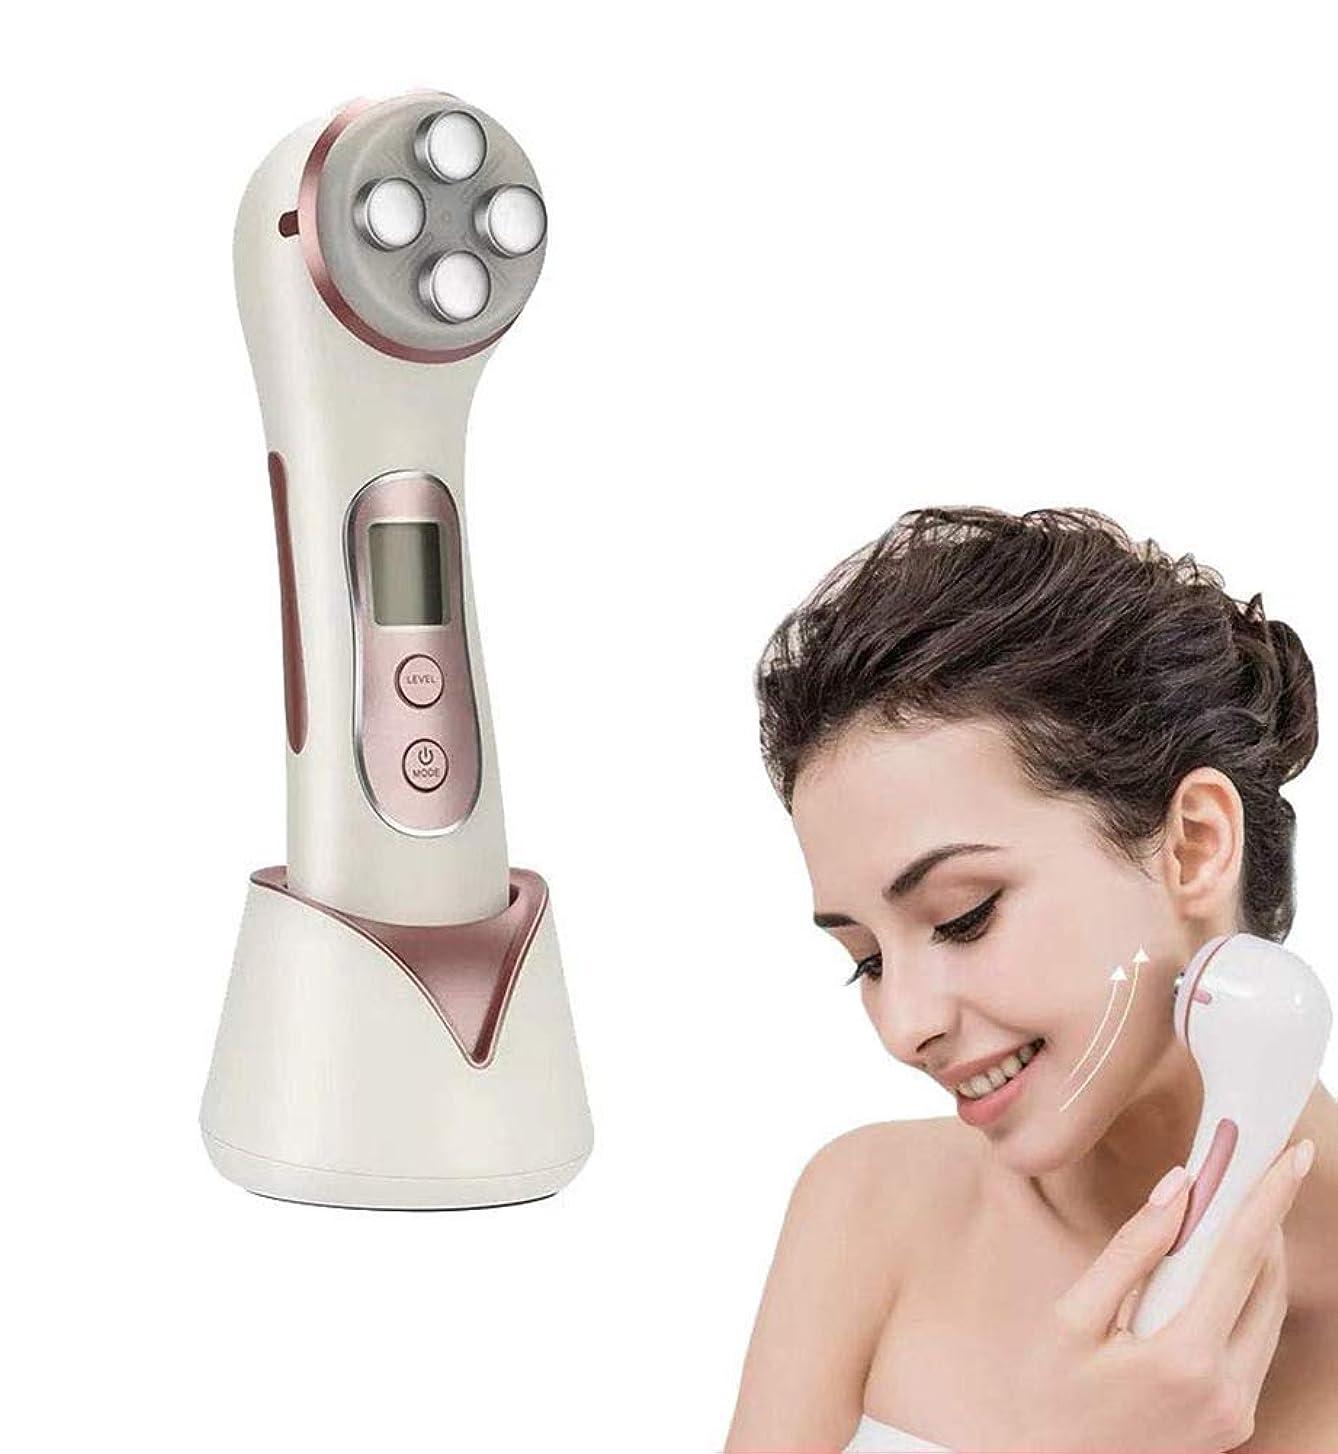 軽食薬局シュガー1に付き5つの顔のマッサージャー - 高周波RF LED EMS美容機リフトアンチエイジング、肌の引き締め、フェイスクレンジング、にきび、しわの減少男性女性